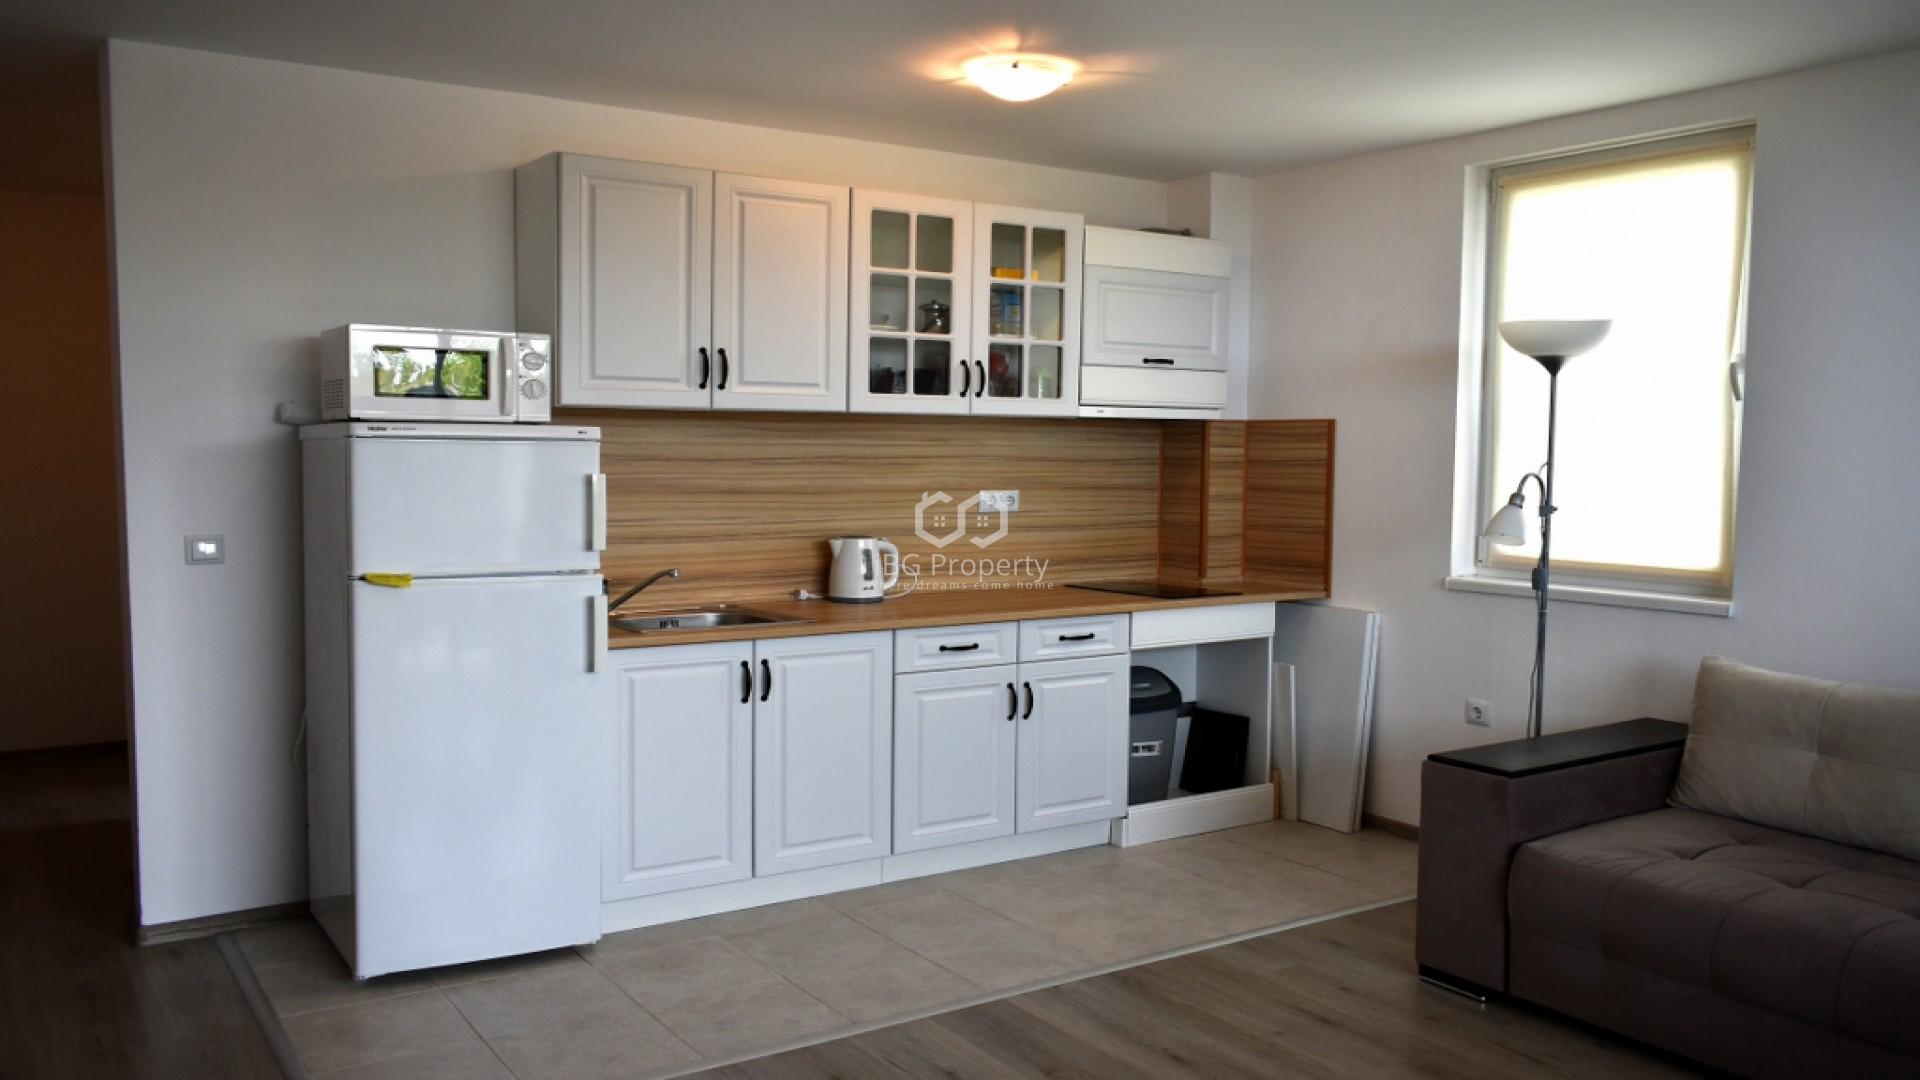 Einzimmerwohnung in Bjala 49 m2